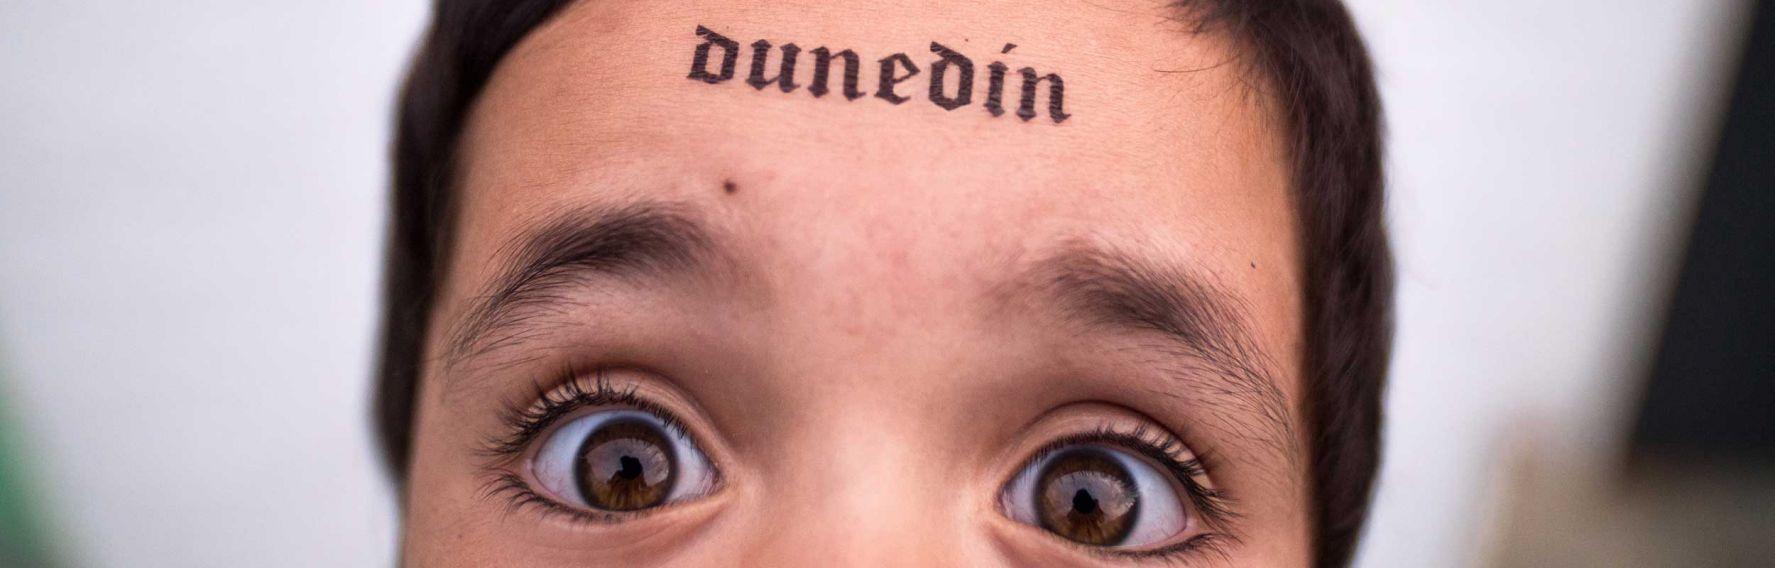 Dunedin Tattoo